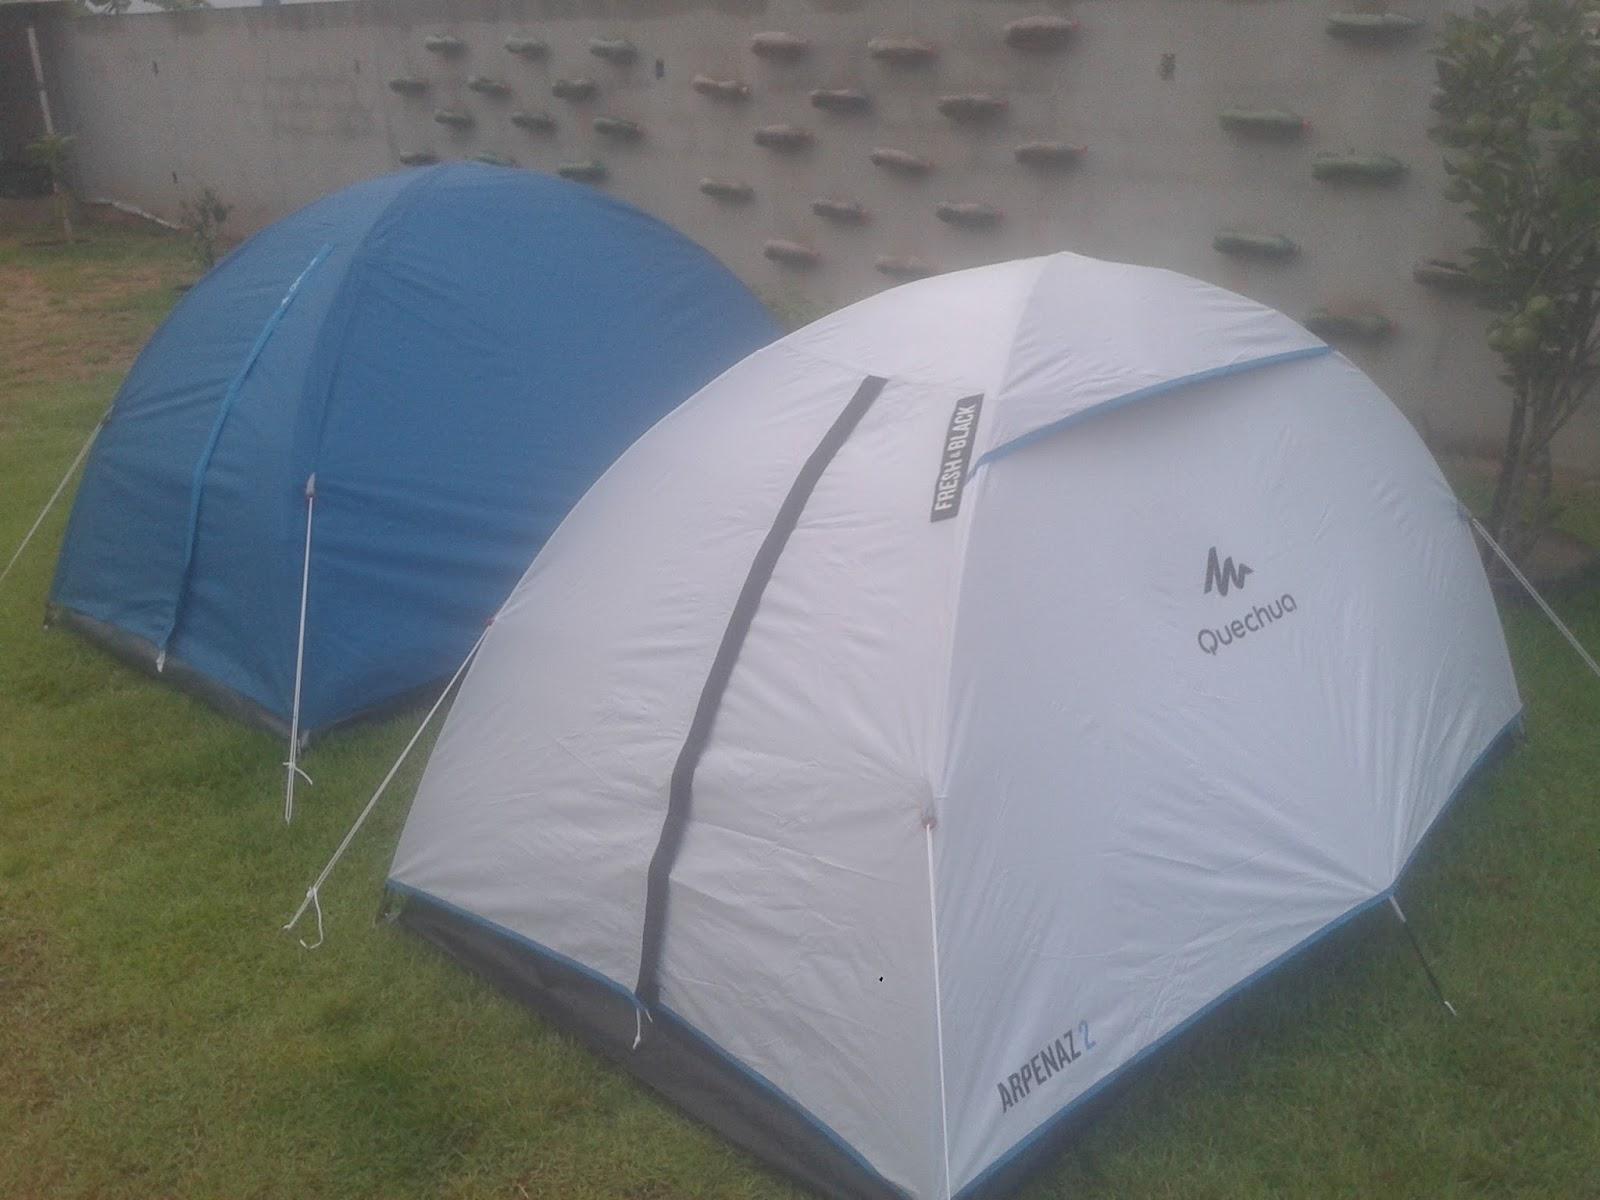 acd99e71c Acampamentos Amigos do Sul  Avaliação de temperatura da barraca ...